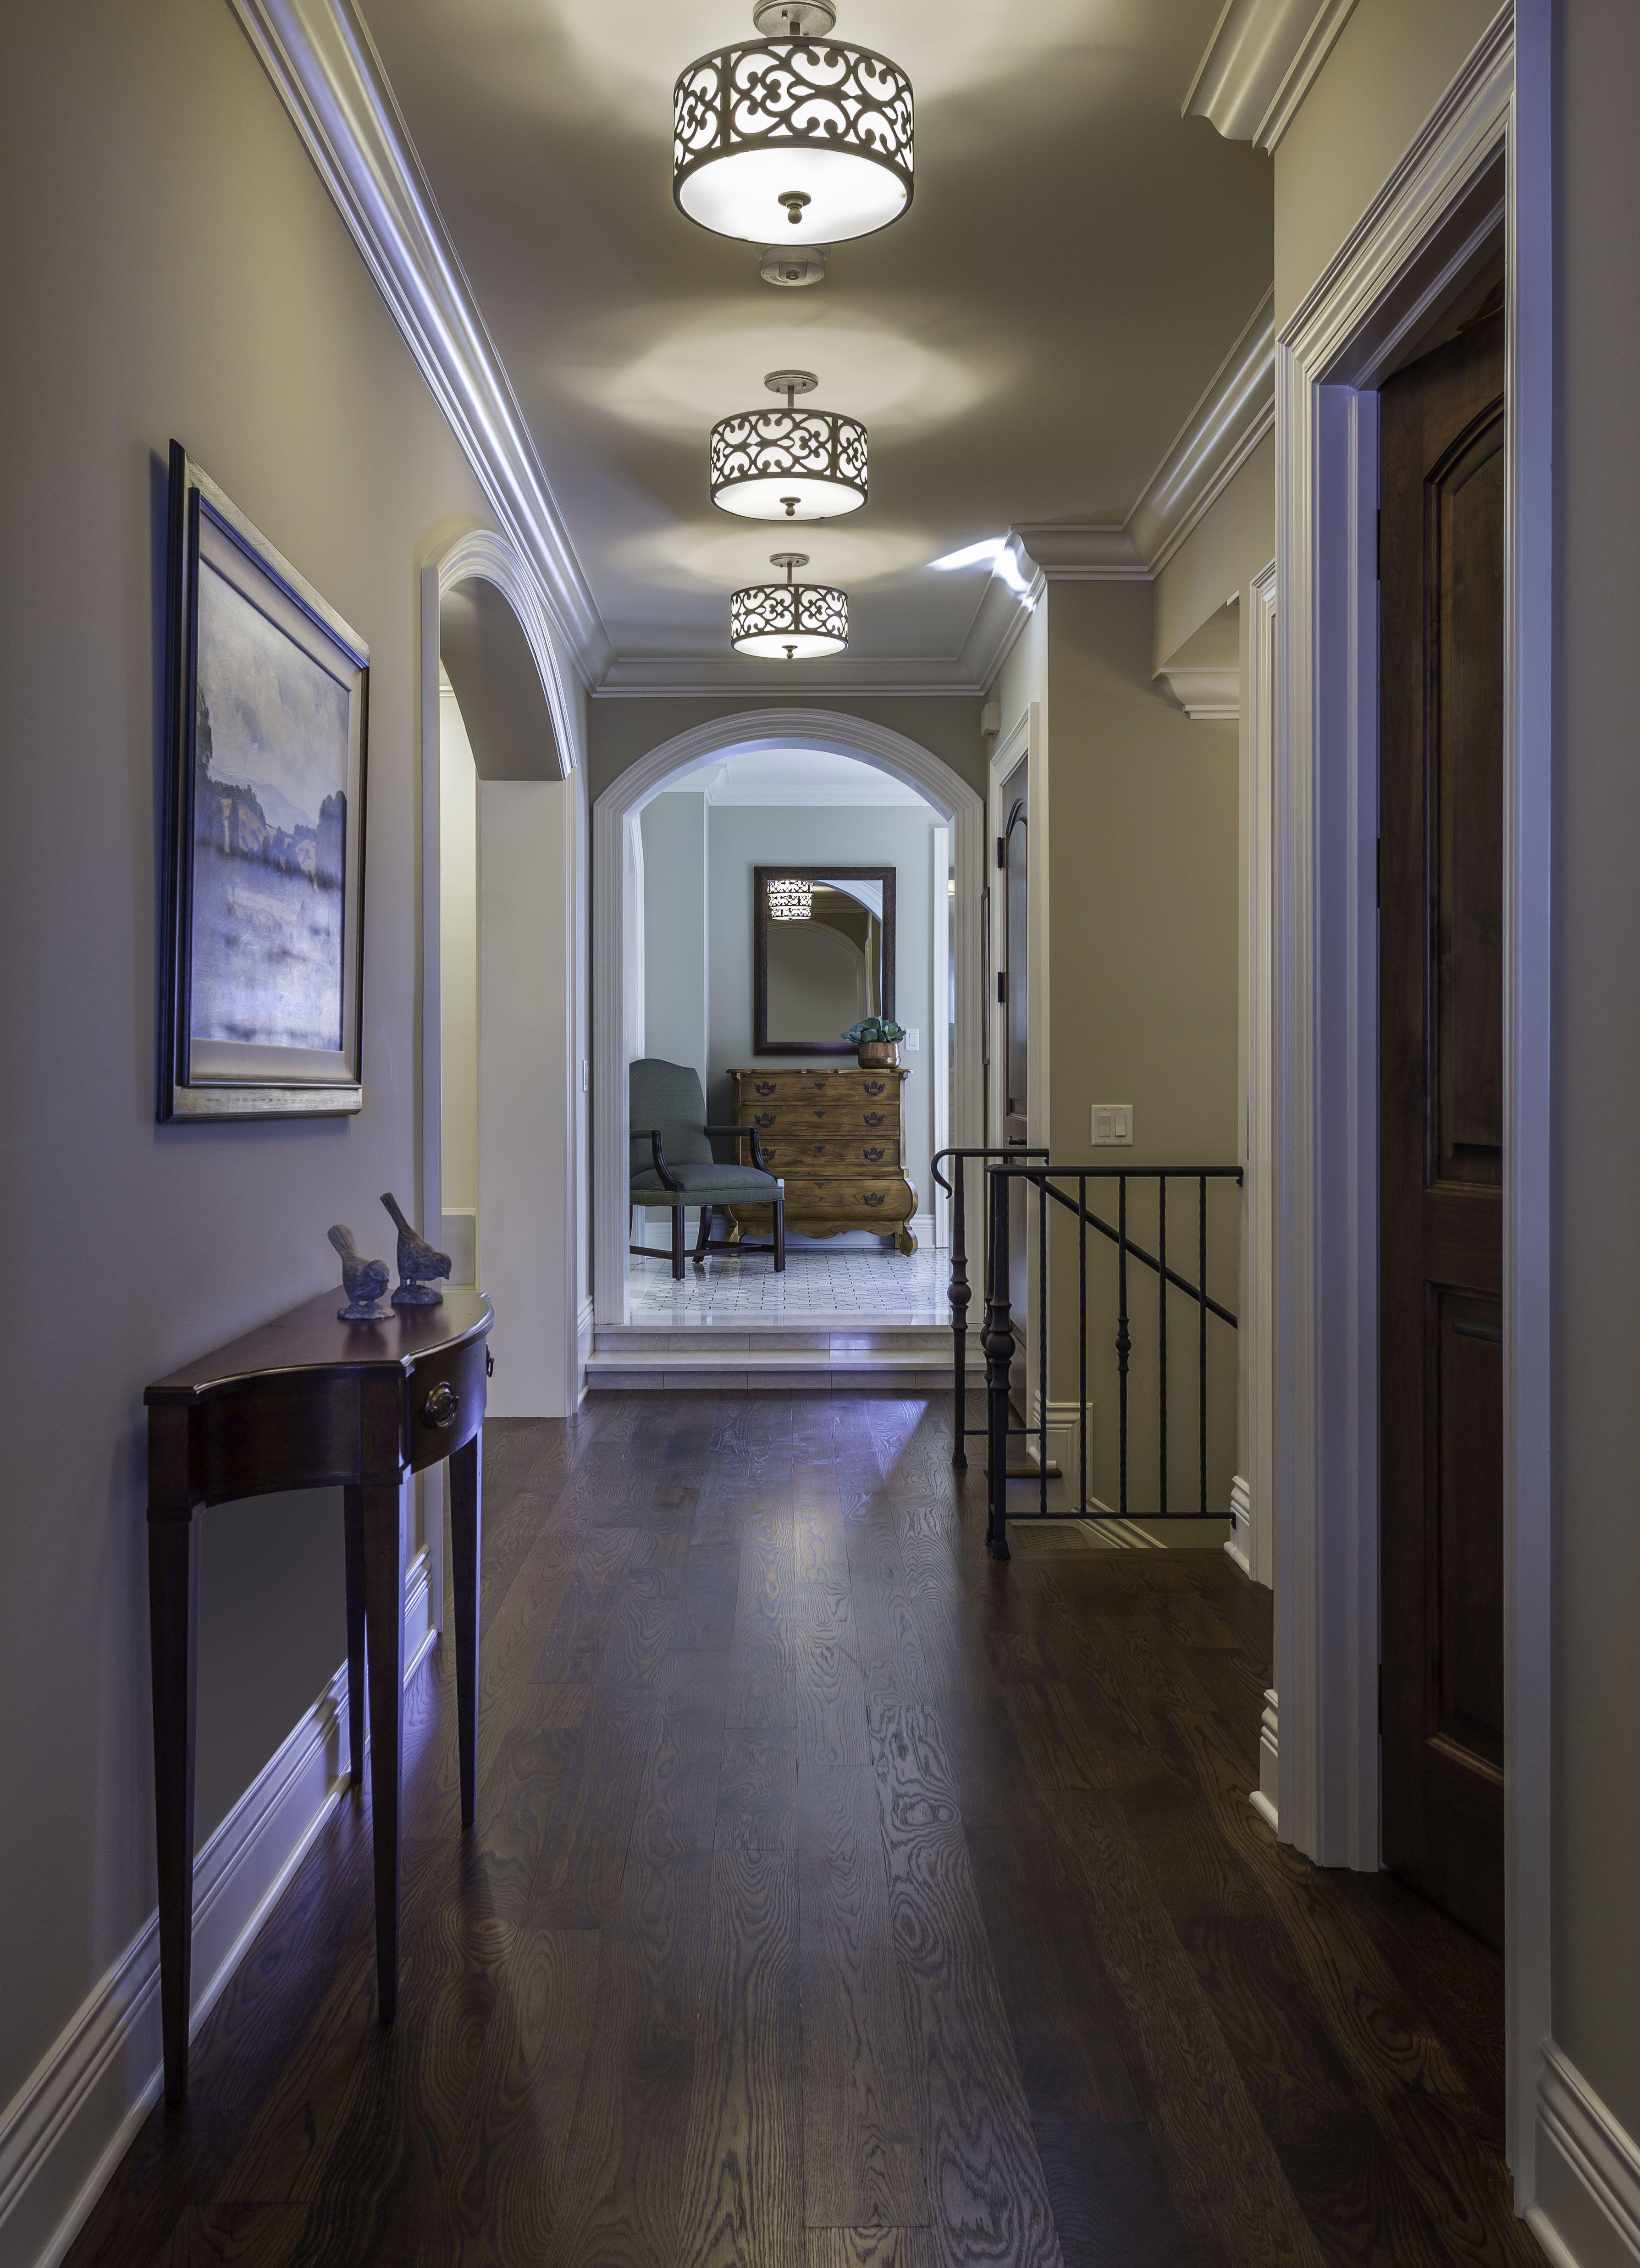 Talla Skogmo Interior Design Brownstone, Hallway Httpwwwtallaskogmo